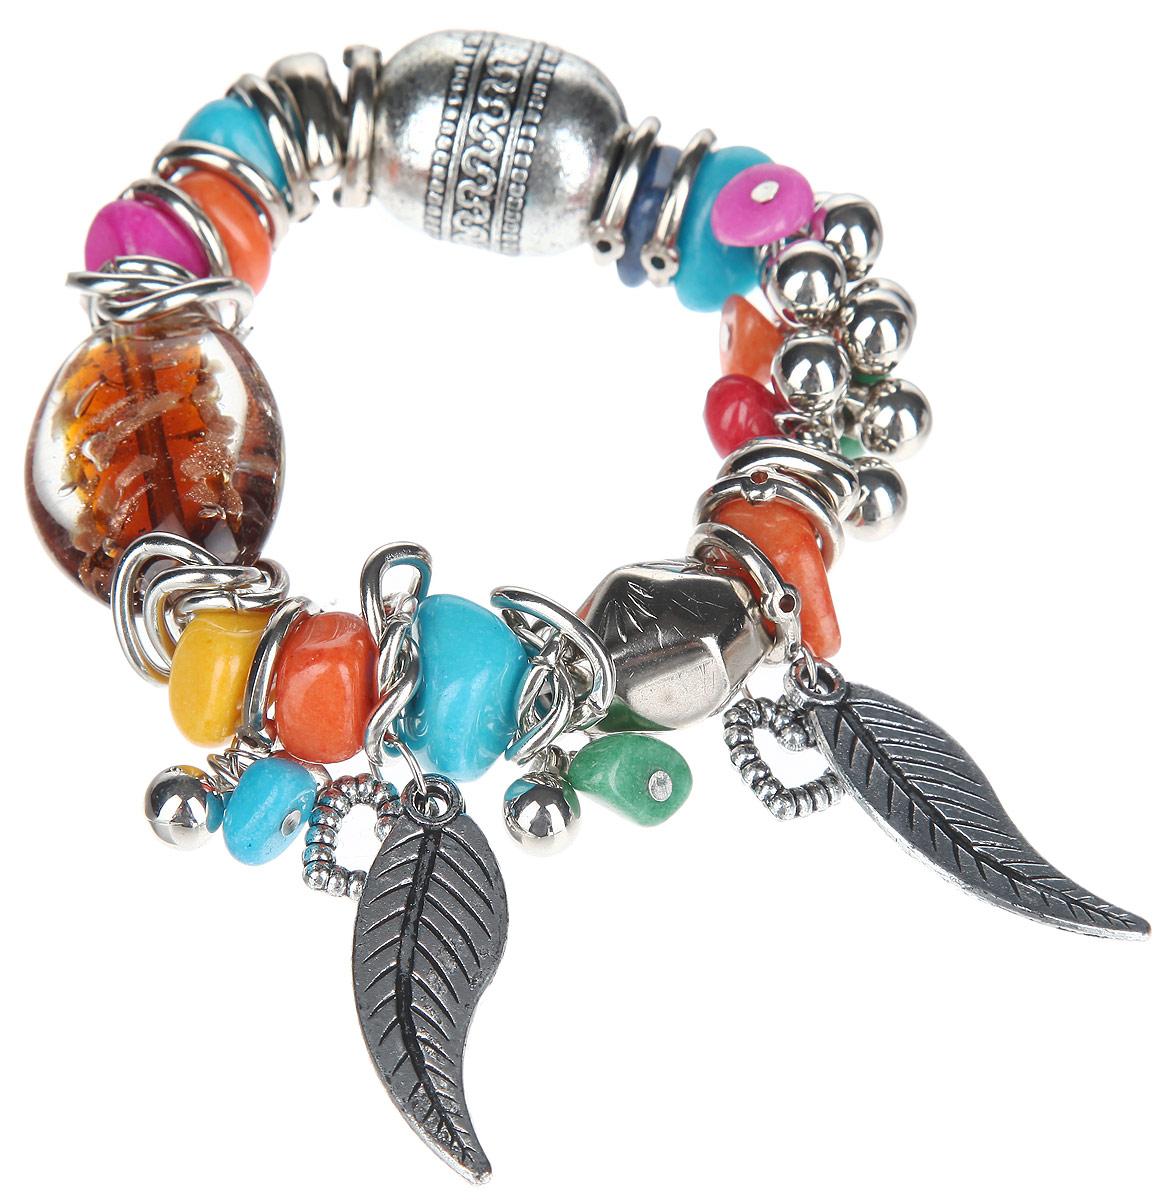 Браслет Taya, цвет: серебристый, коричневый, оранжевый, голубой. T-B-10339T-B-10339Оригинальный браслет Taya, изготовленный из гипоаллергенного материала, выполнен на эластичной основе из декоративных металлических элементов, цветных натуральных камней и элементов из стекла. Модель дополнена стильными подвесками из металла в виде двух перьев и сердец. Такой оригинальный браслет не оставит равнодушной ни одну любительницу изысканных и необычных украшений, а также позволит с легкостью воплотить самую смелую фантазию и создать собственный, неповторимый образ.